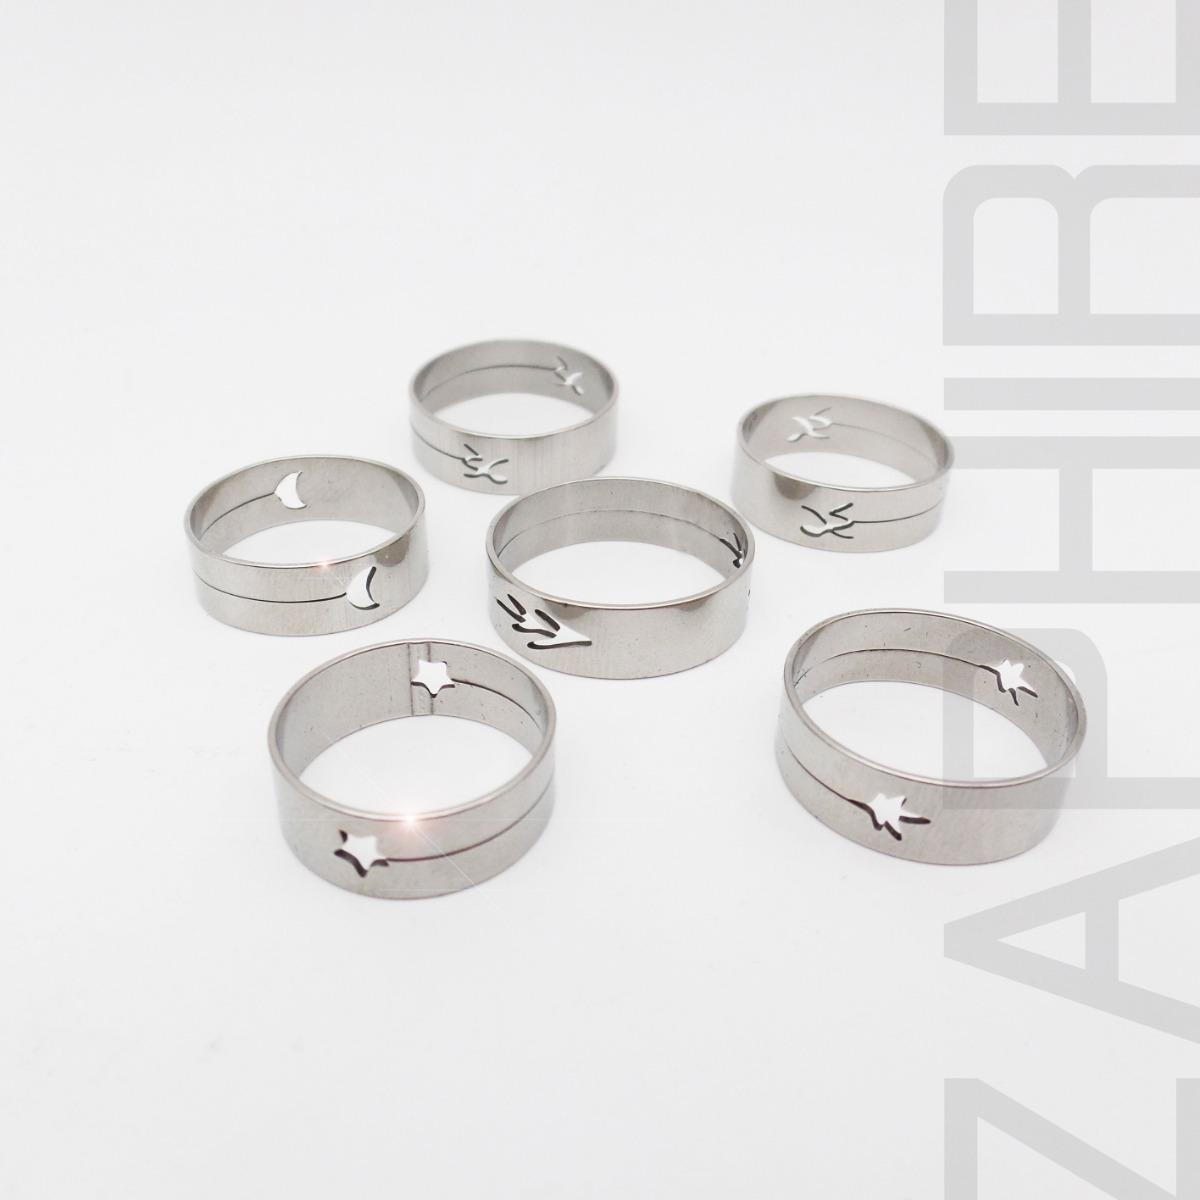 786d418faa8b 12 anillos acero quirurgico formas caladas laser por mayor. Cargando zoom.